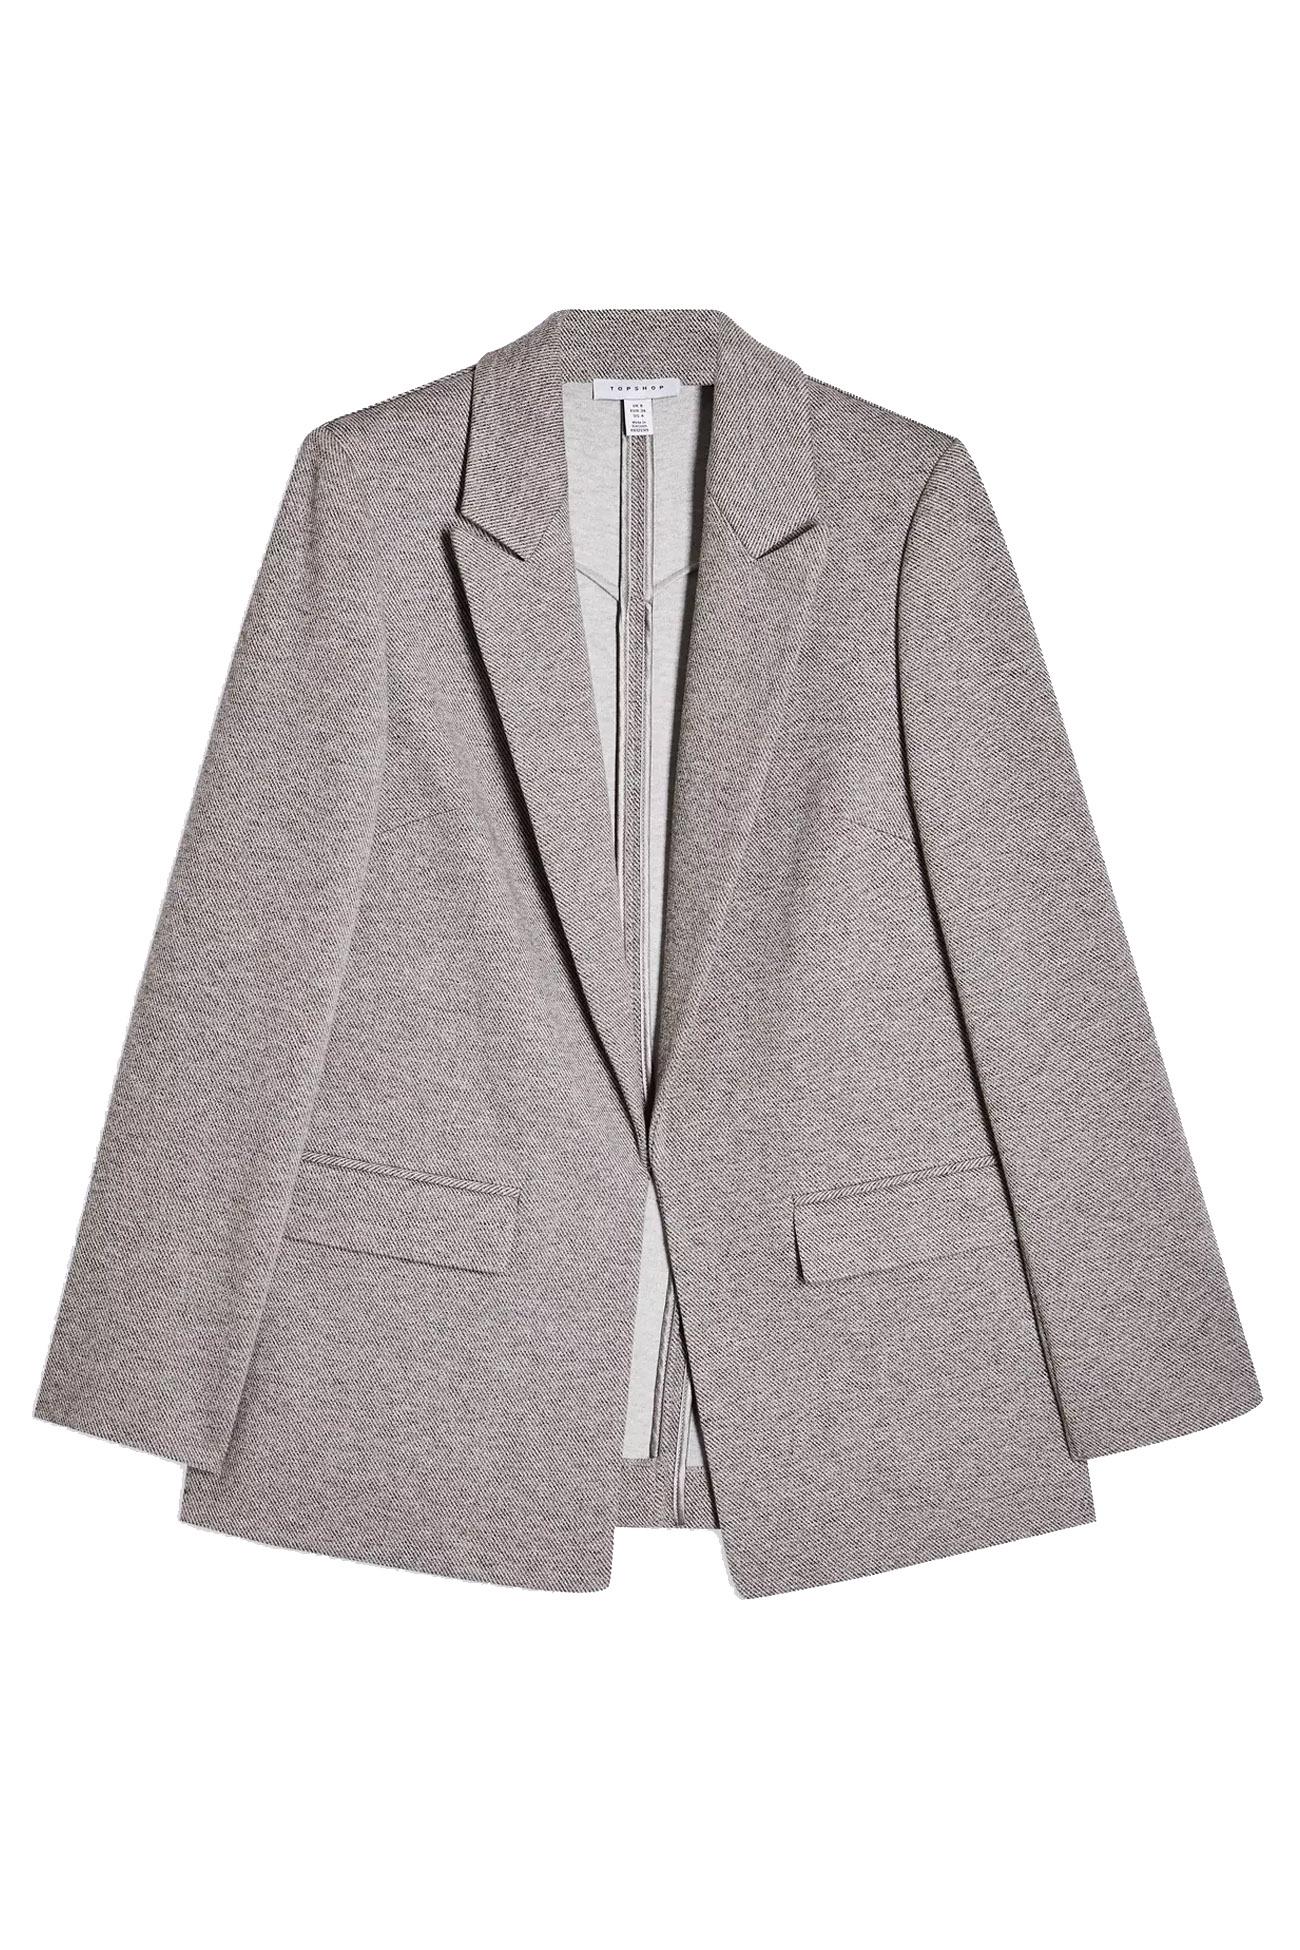 grey blazer topshop